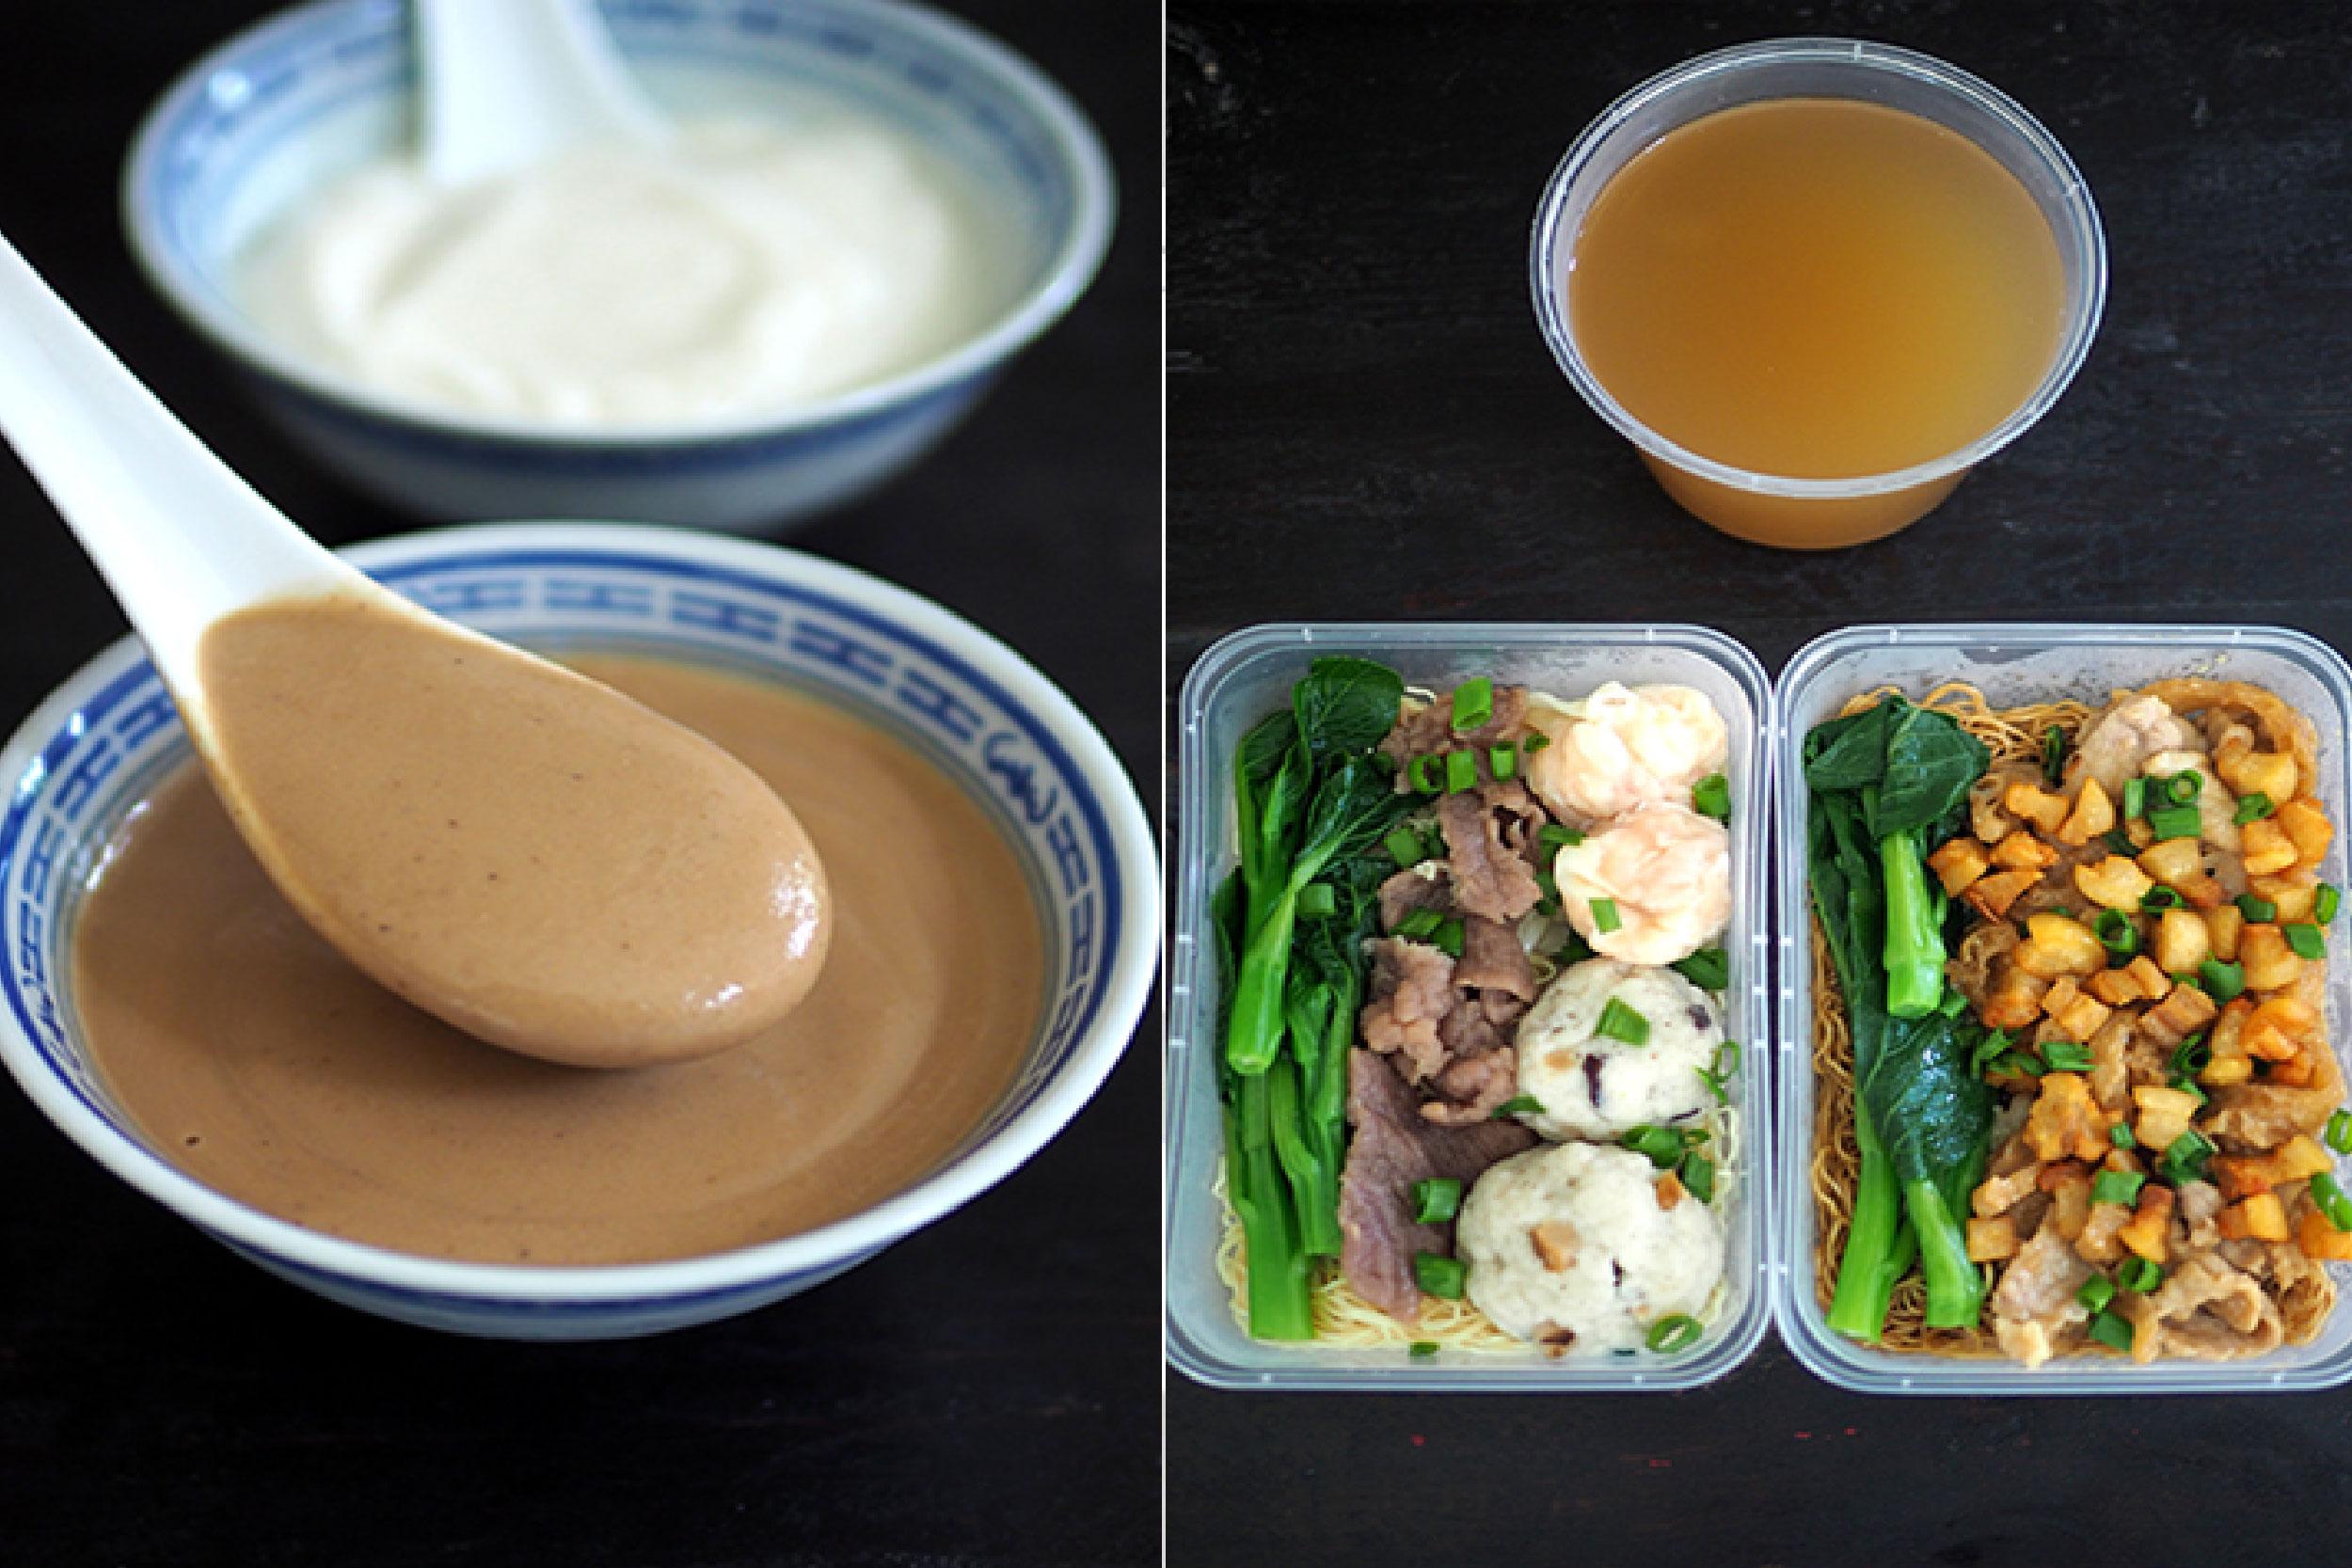 你可以在这里点核桃糊(左图);店家会将汤和面分开(右图)。-Lee Khang Yi摄-